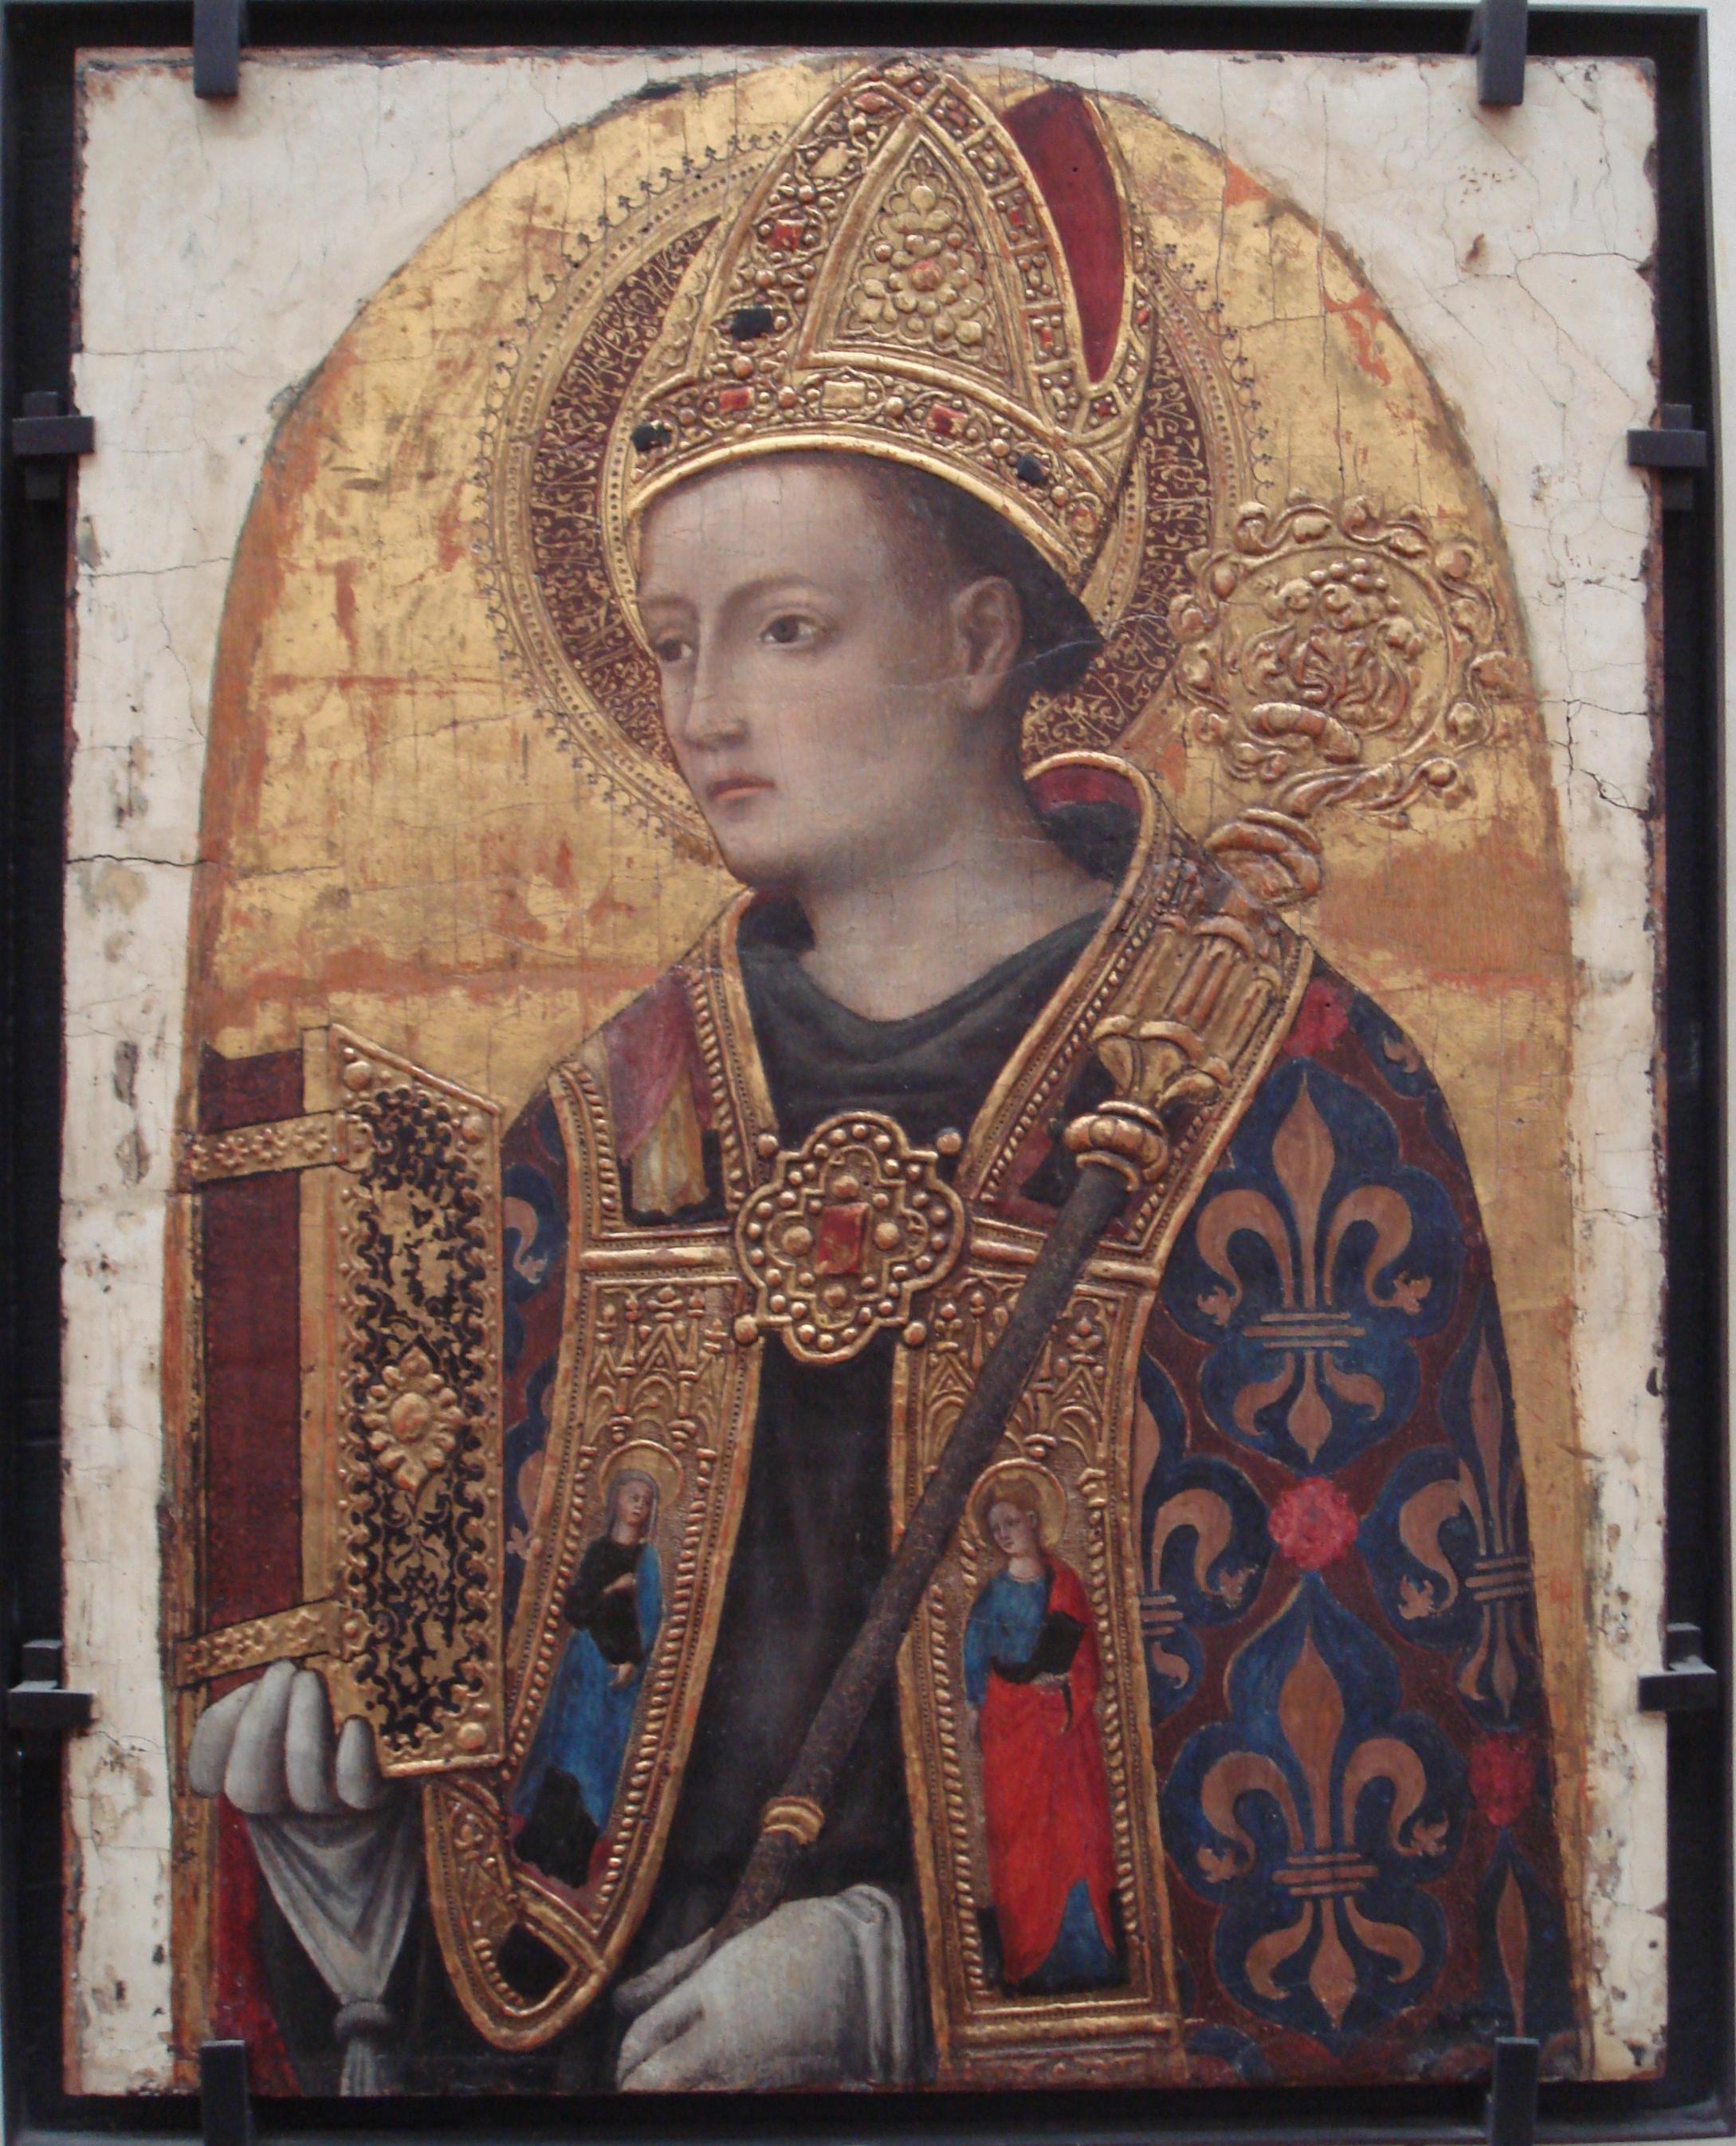 São Luís de Tolosa